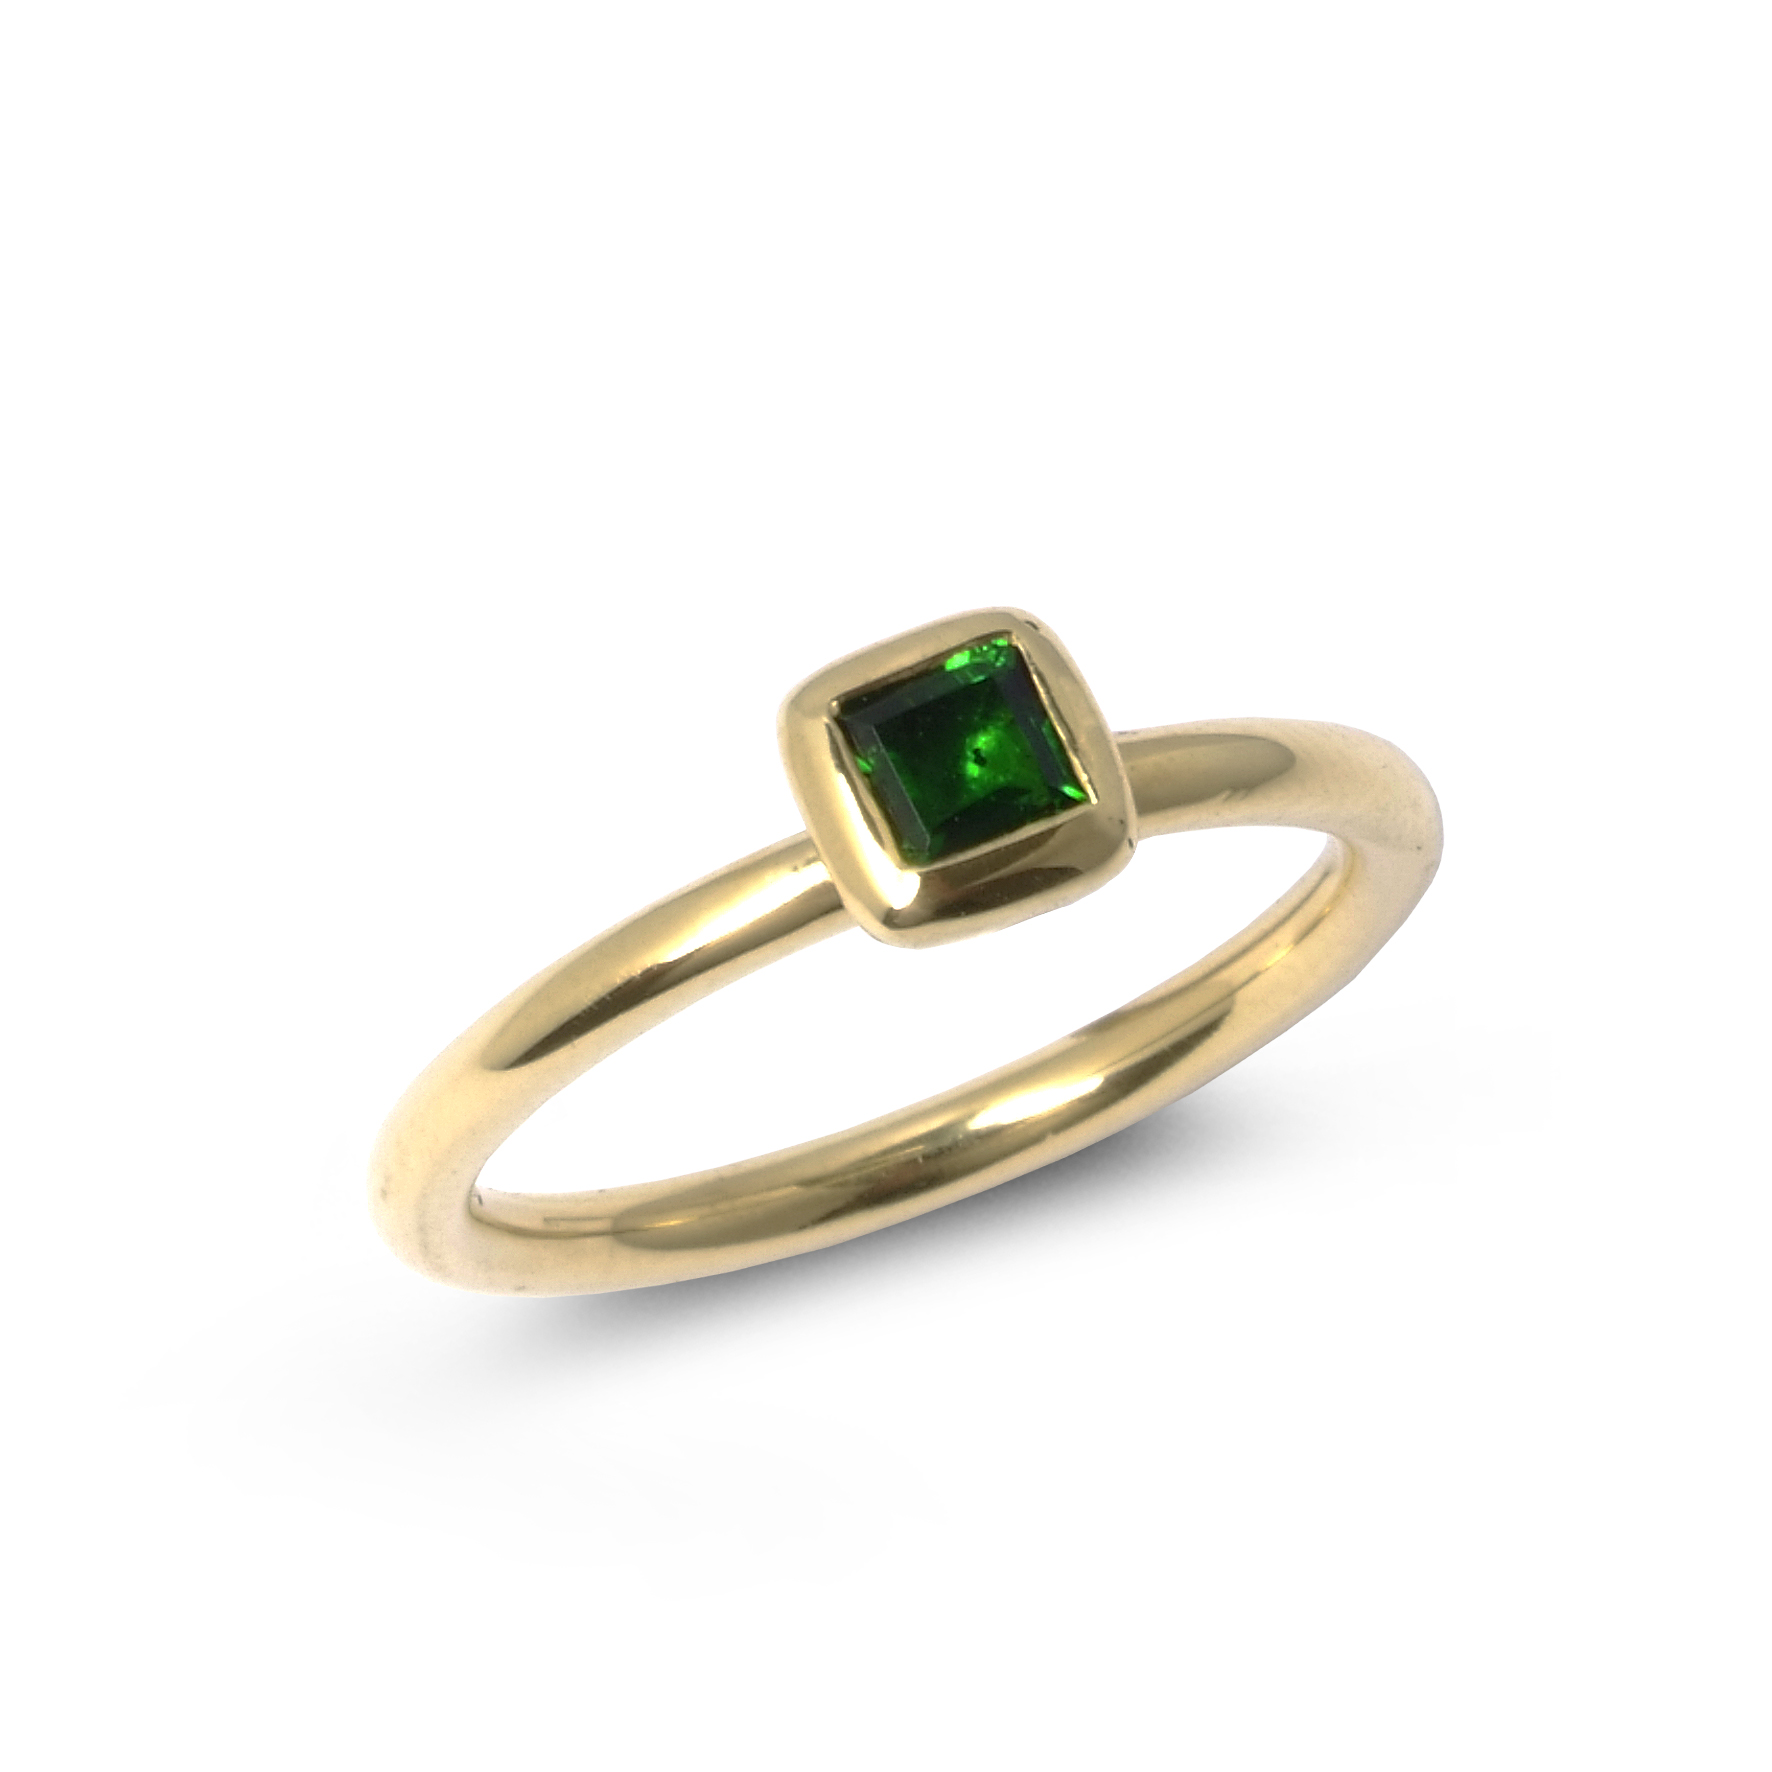 Green tourmaline stacking ring top